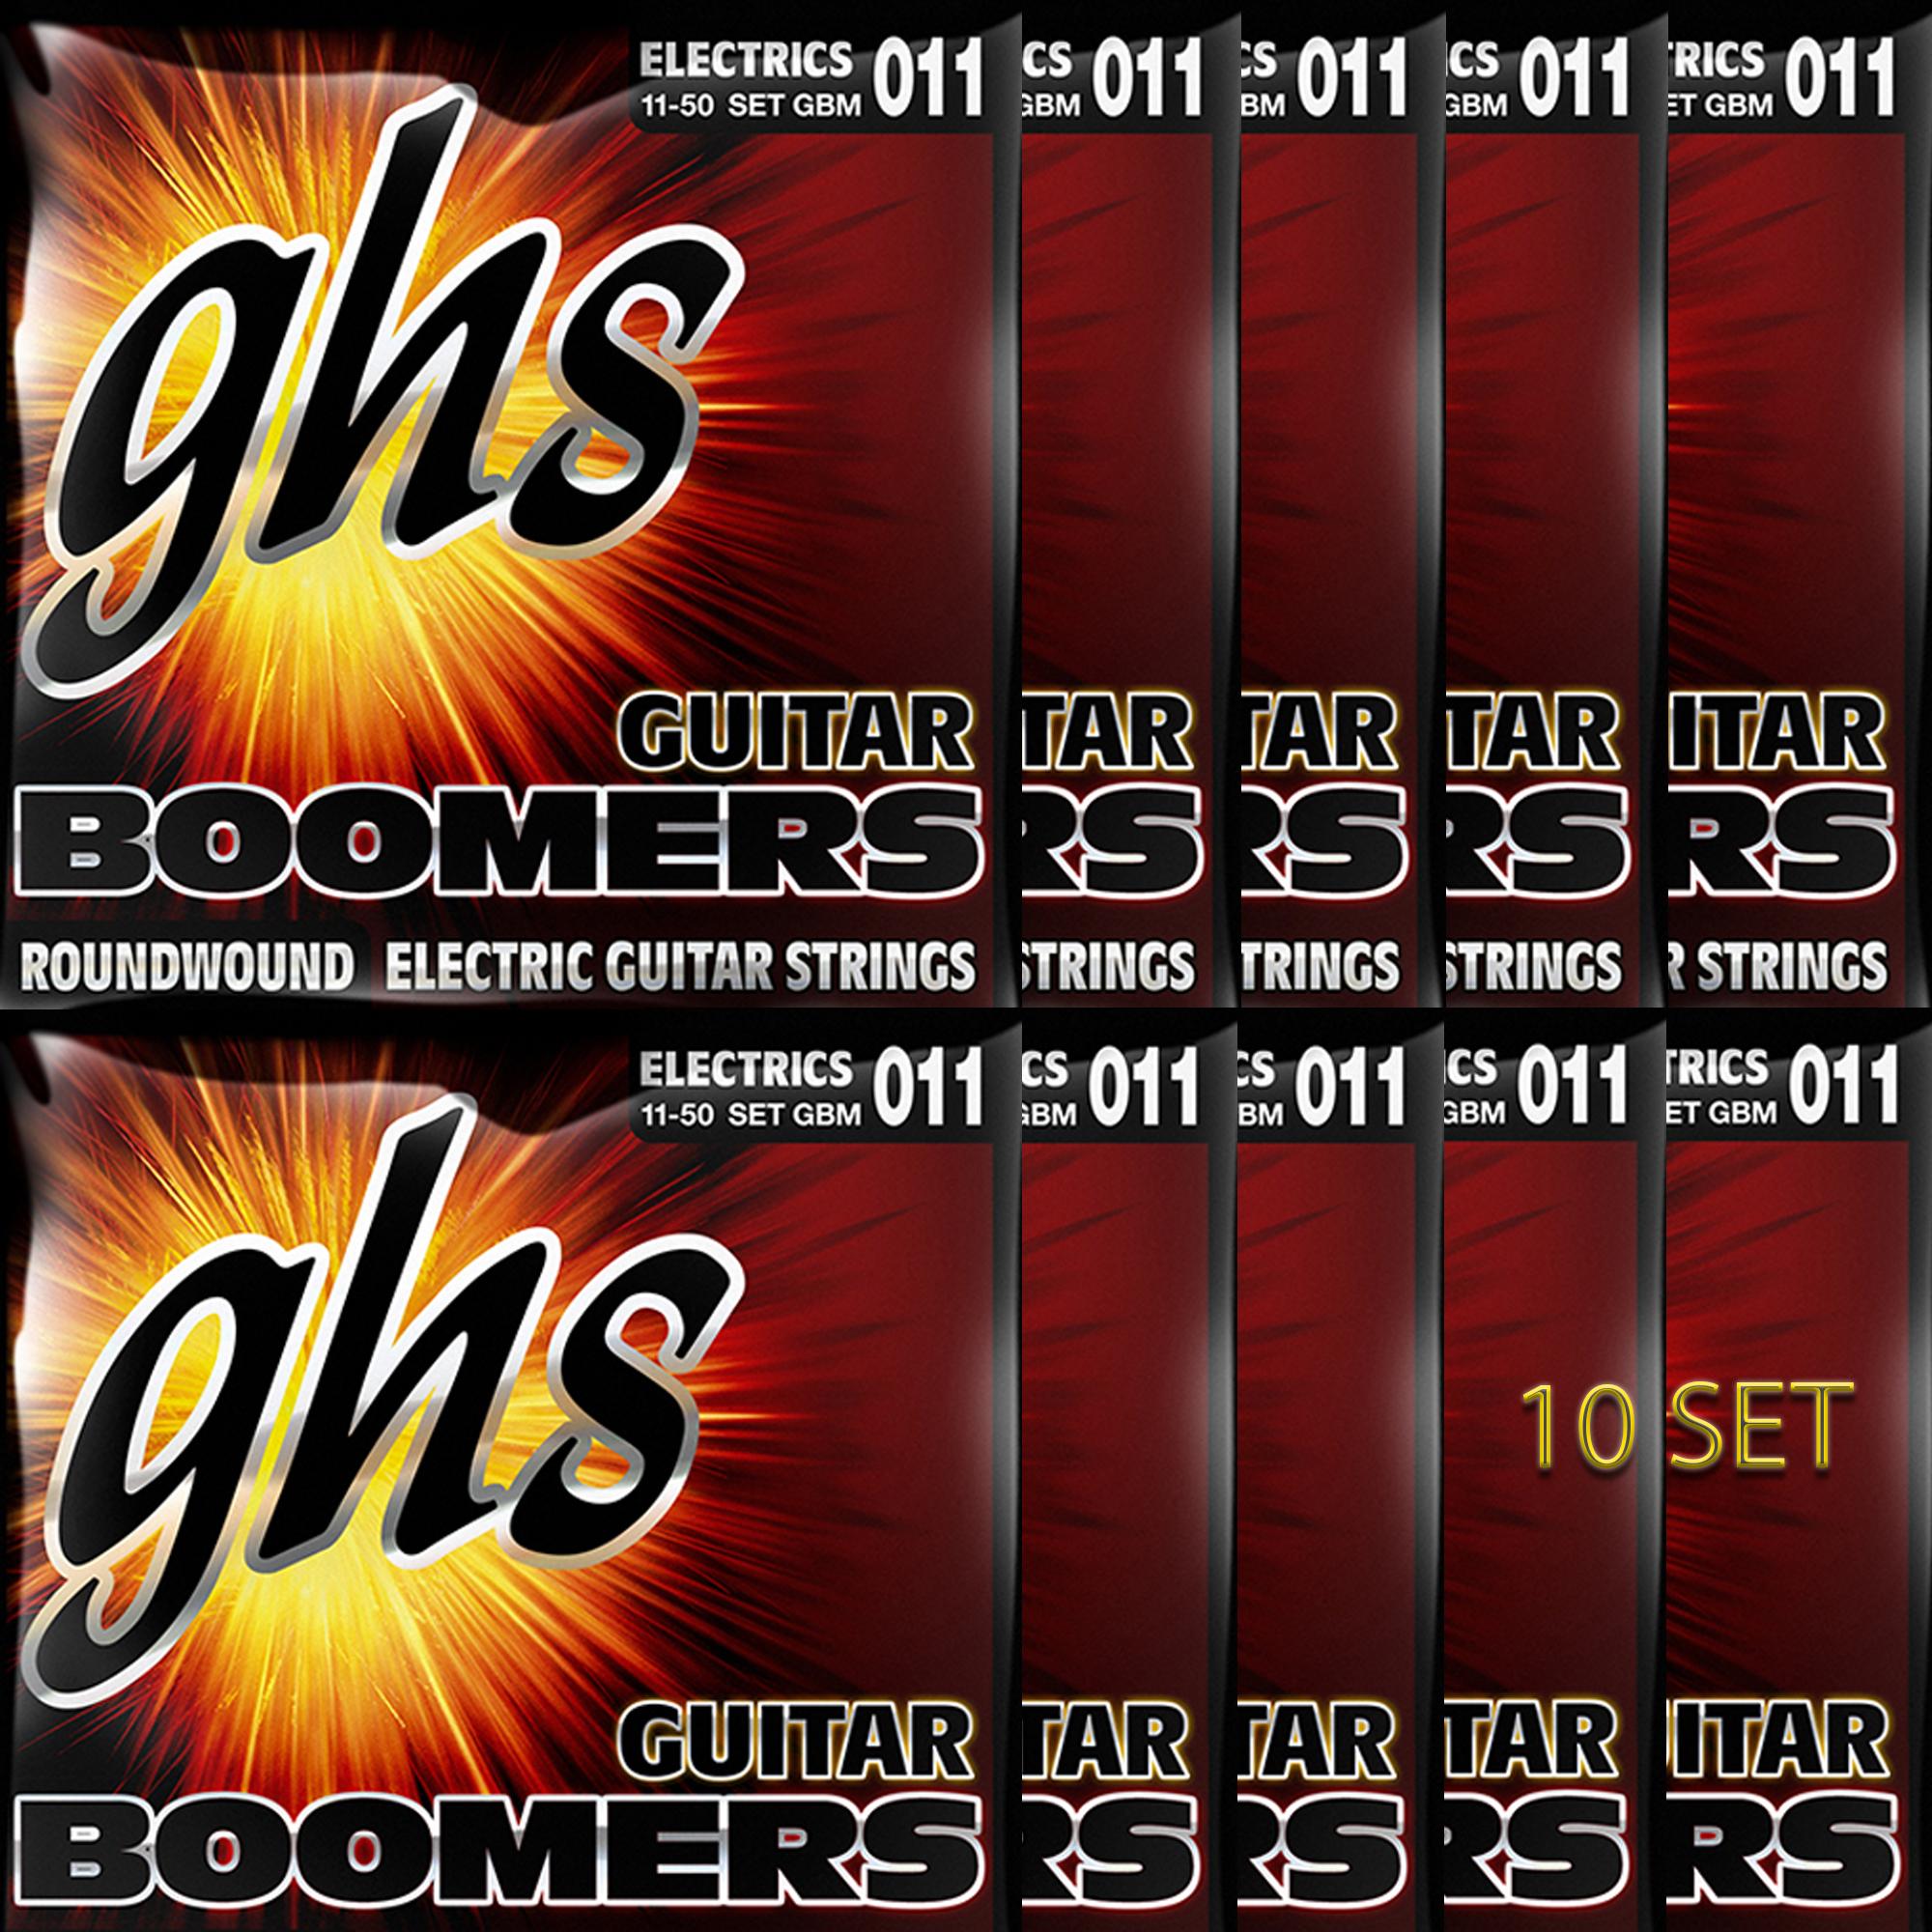 GHS GBM - 10 SET ELETTRICA 11-50